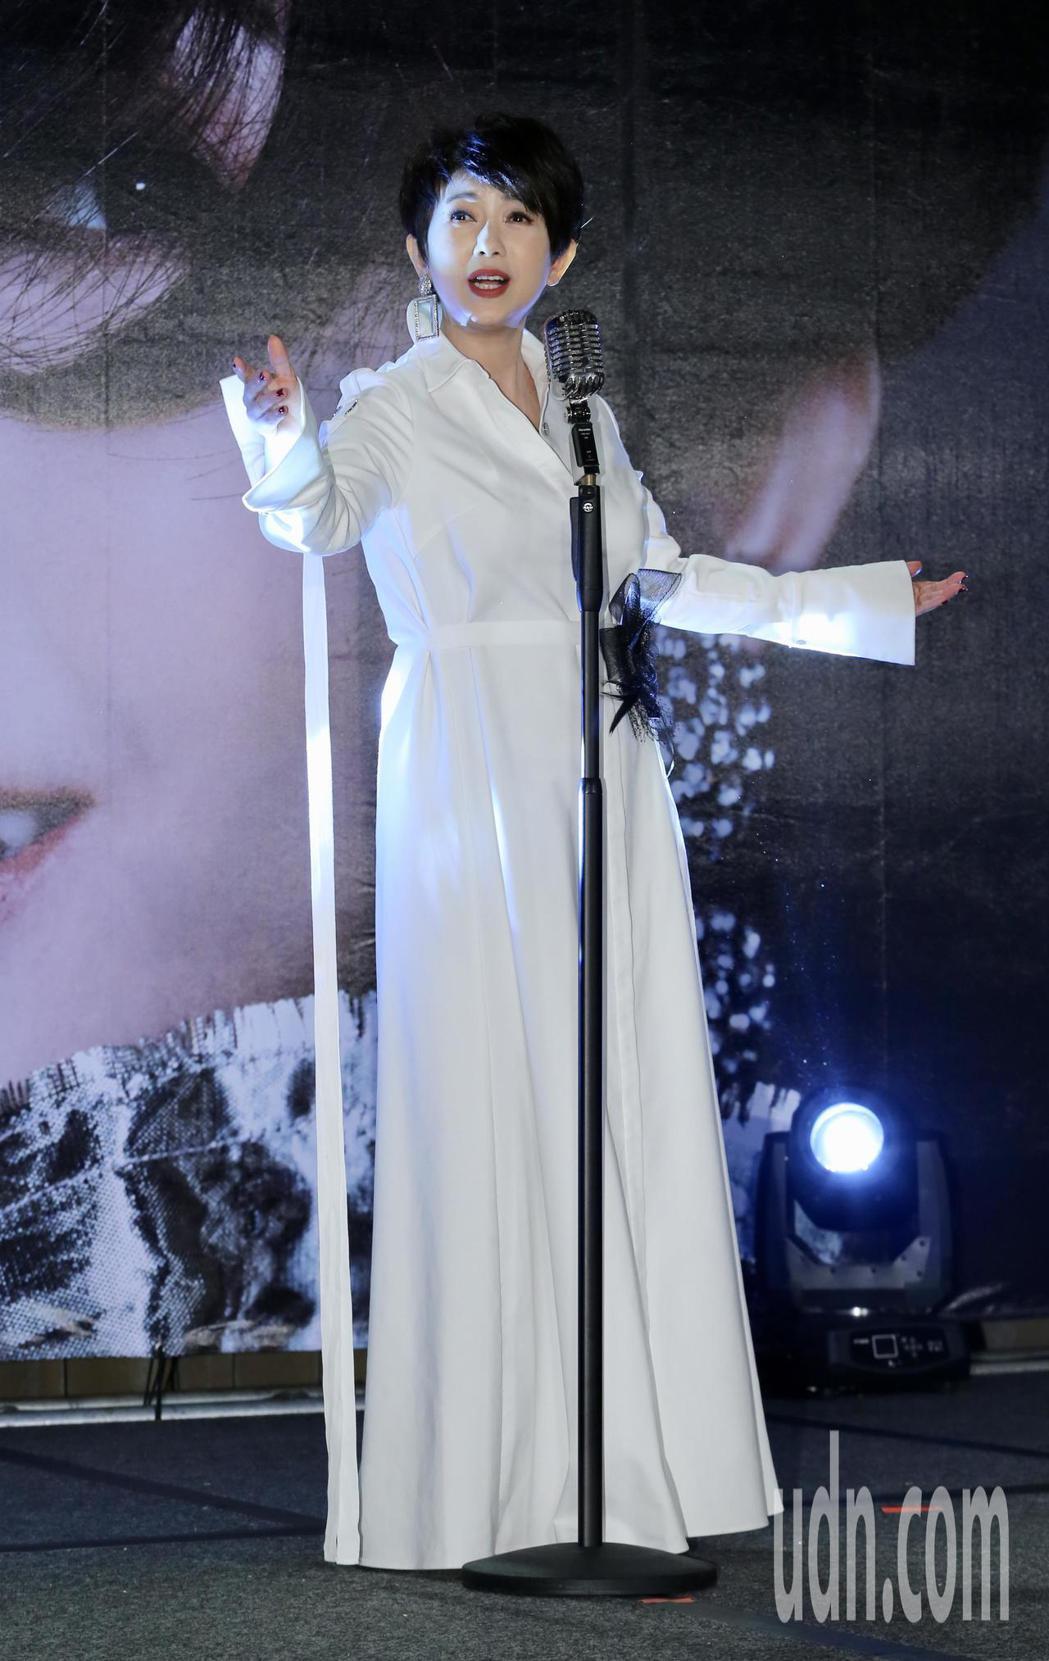 睽違樂壇24年藝人周思潔再度開唱。記者許正宏/攝影